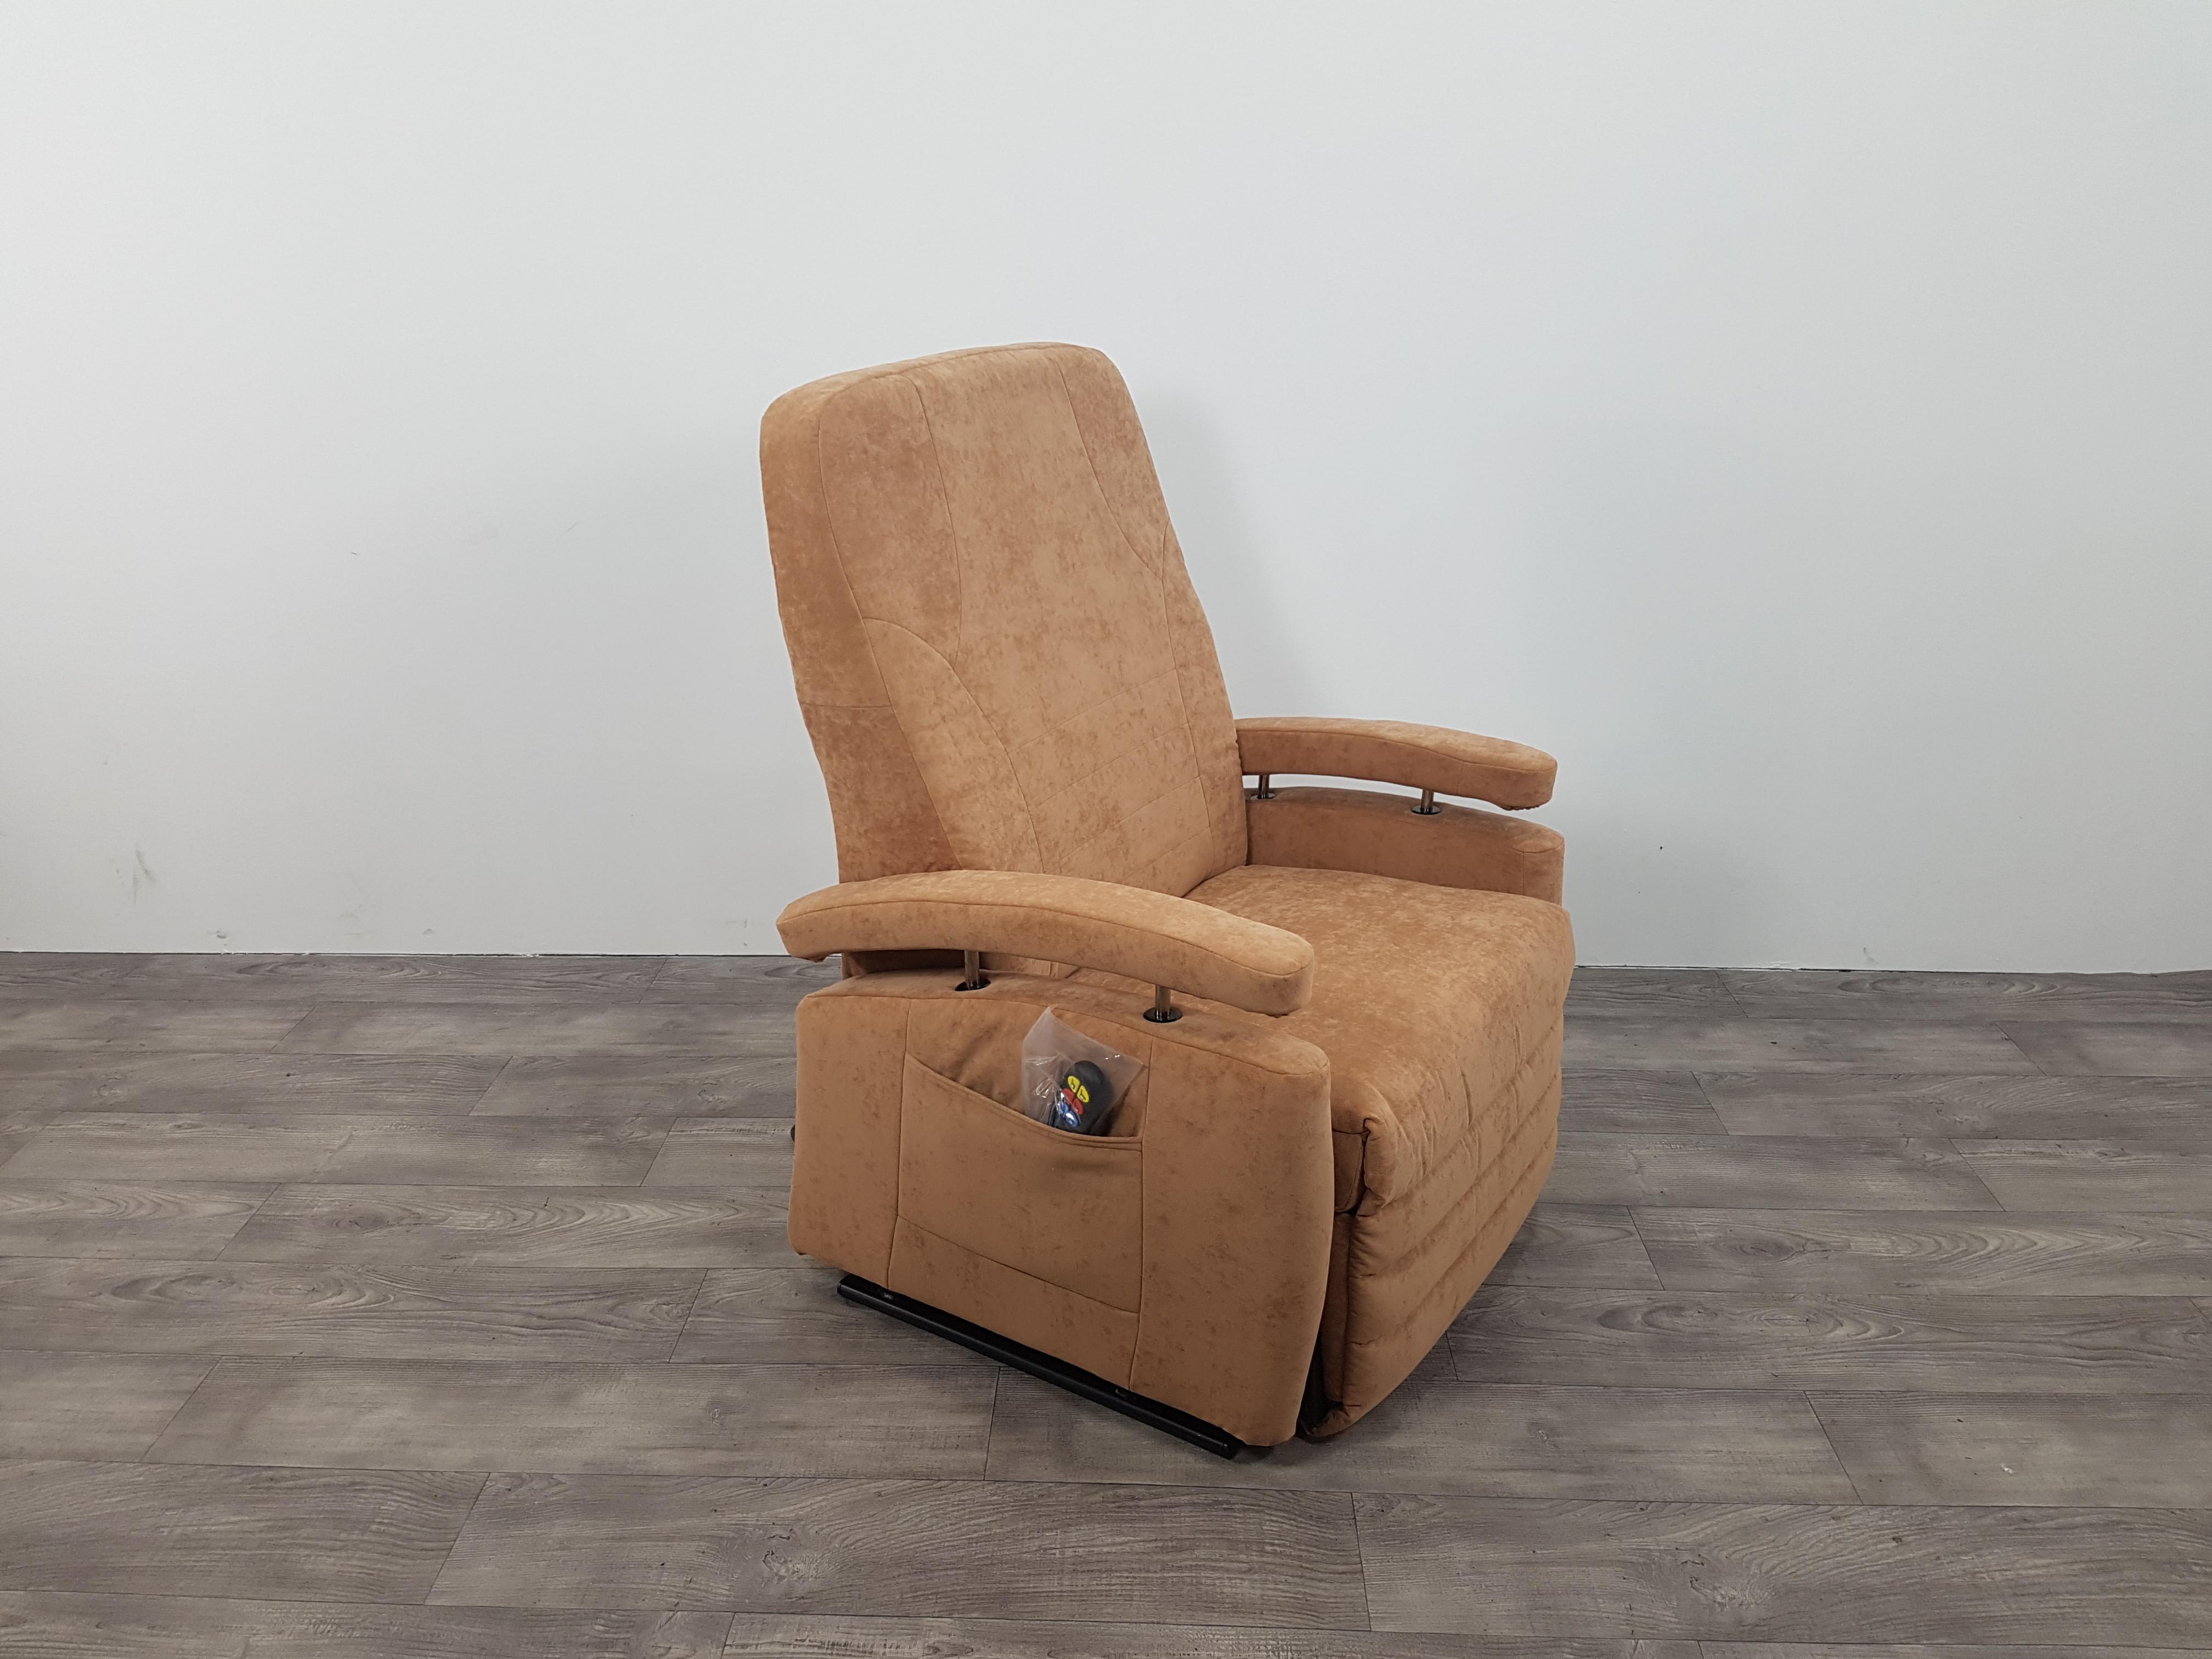 Sta Zit Stoel : Sta op stoel vario cm breed nieuwe bekleding zeker zit